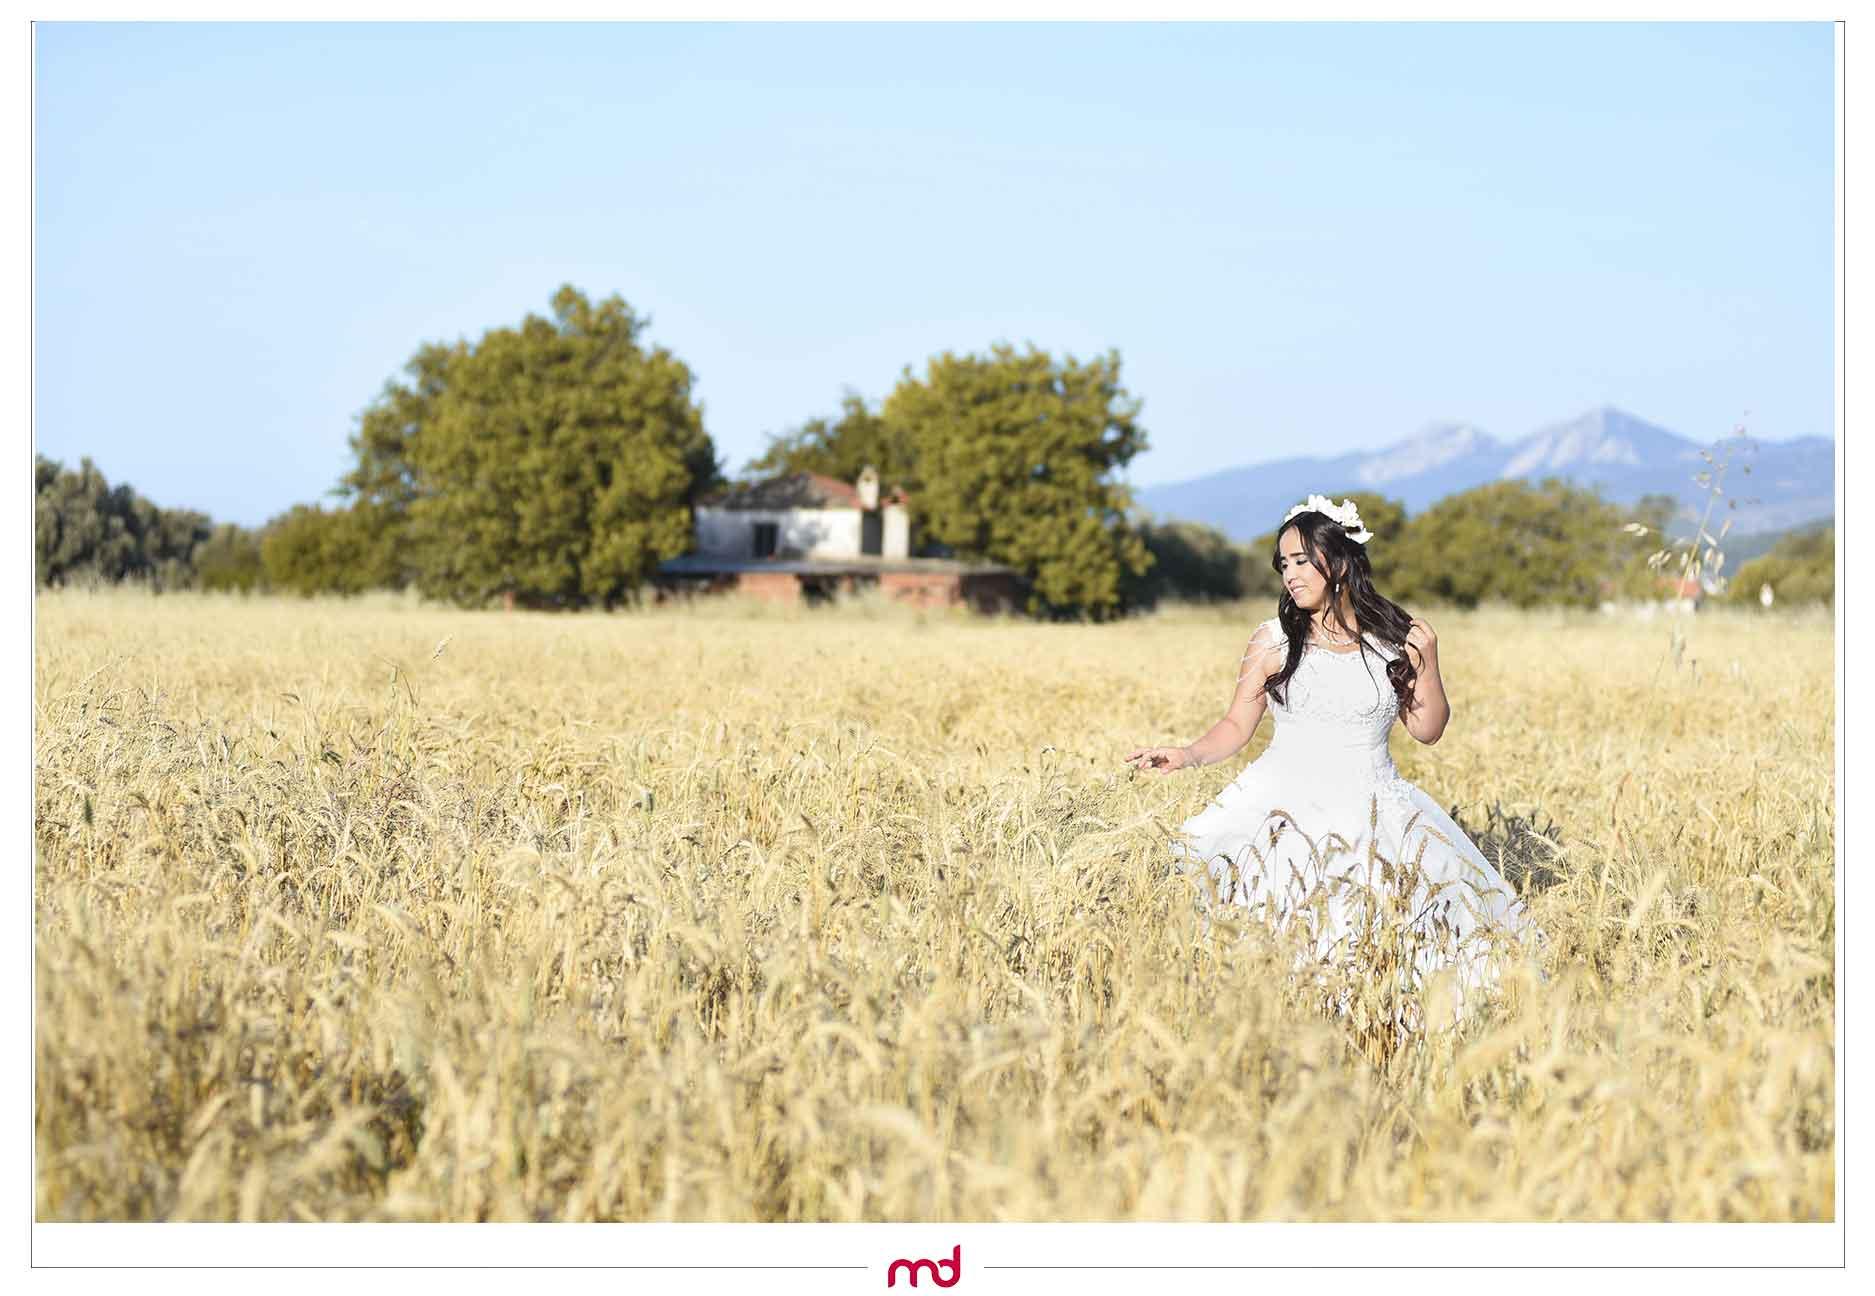 izmir düğün fotoğrafları, izmir düğün fotoğraçısı